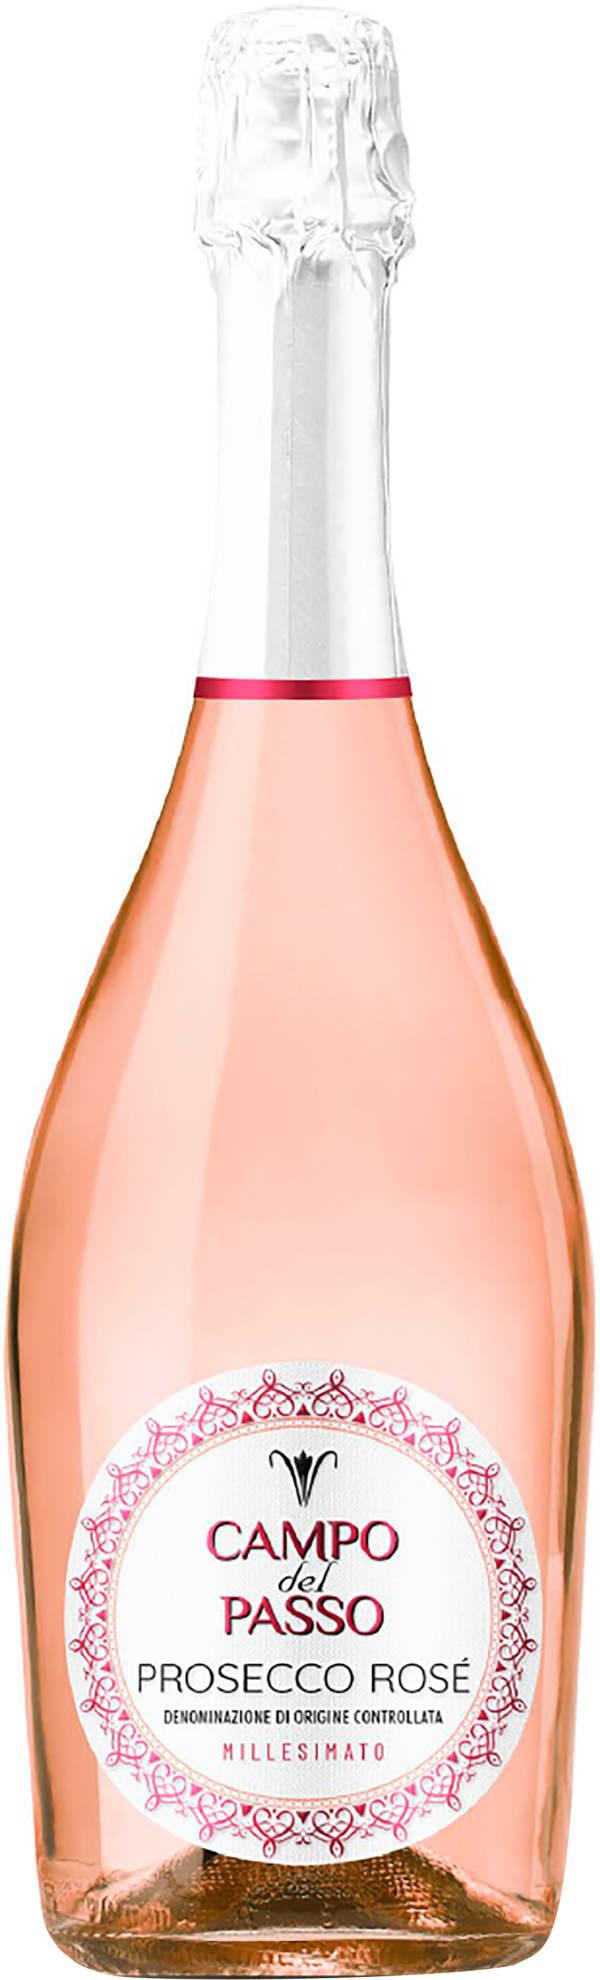 Campo del Passo Prosecco Rosé Extra Dry